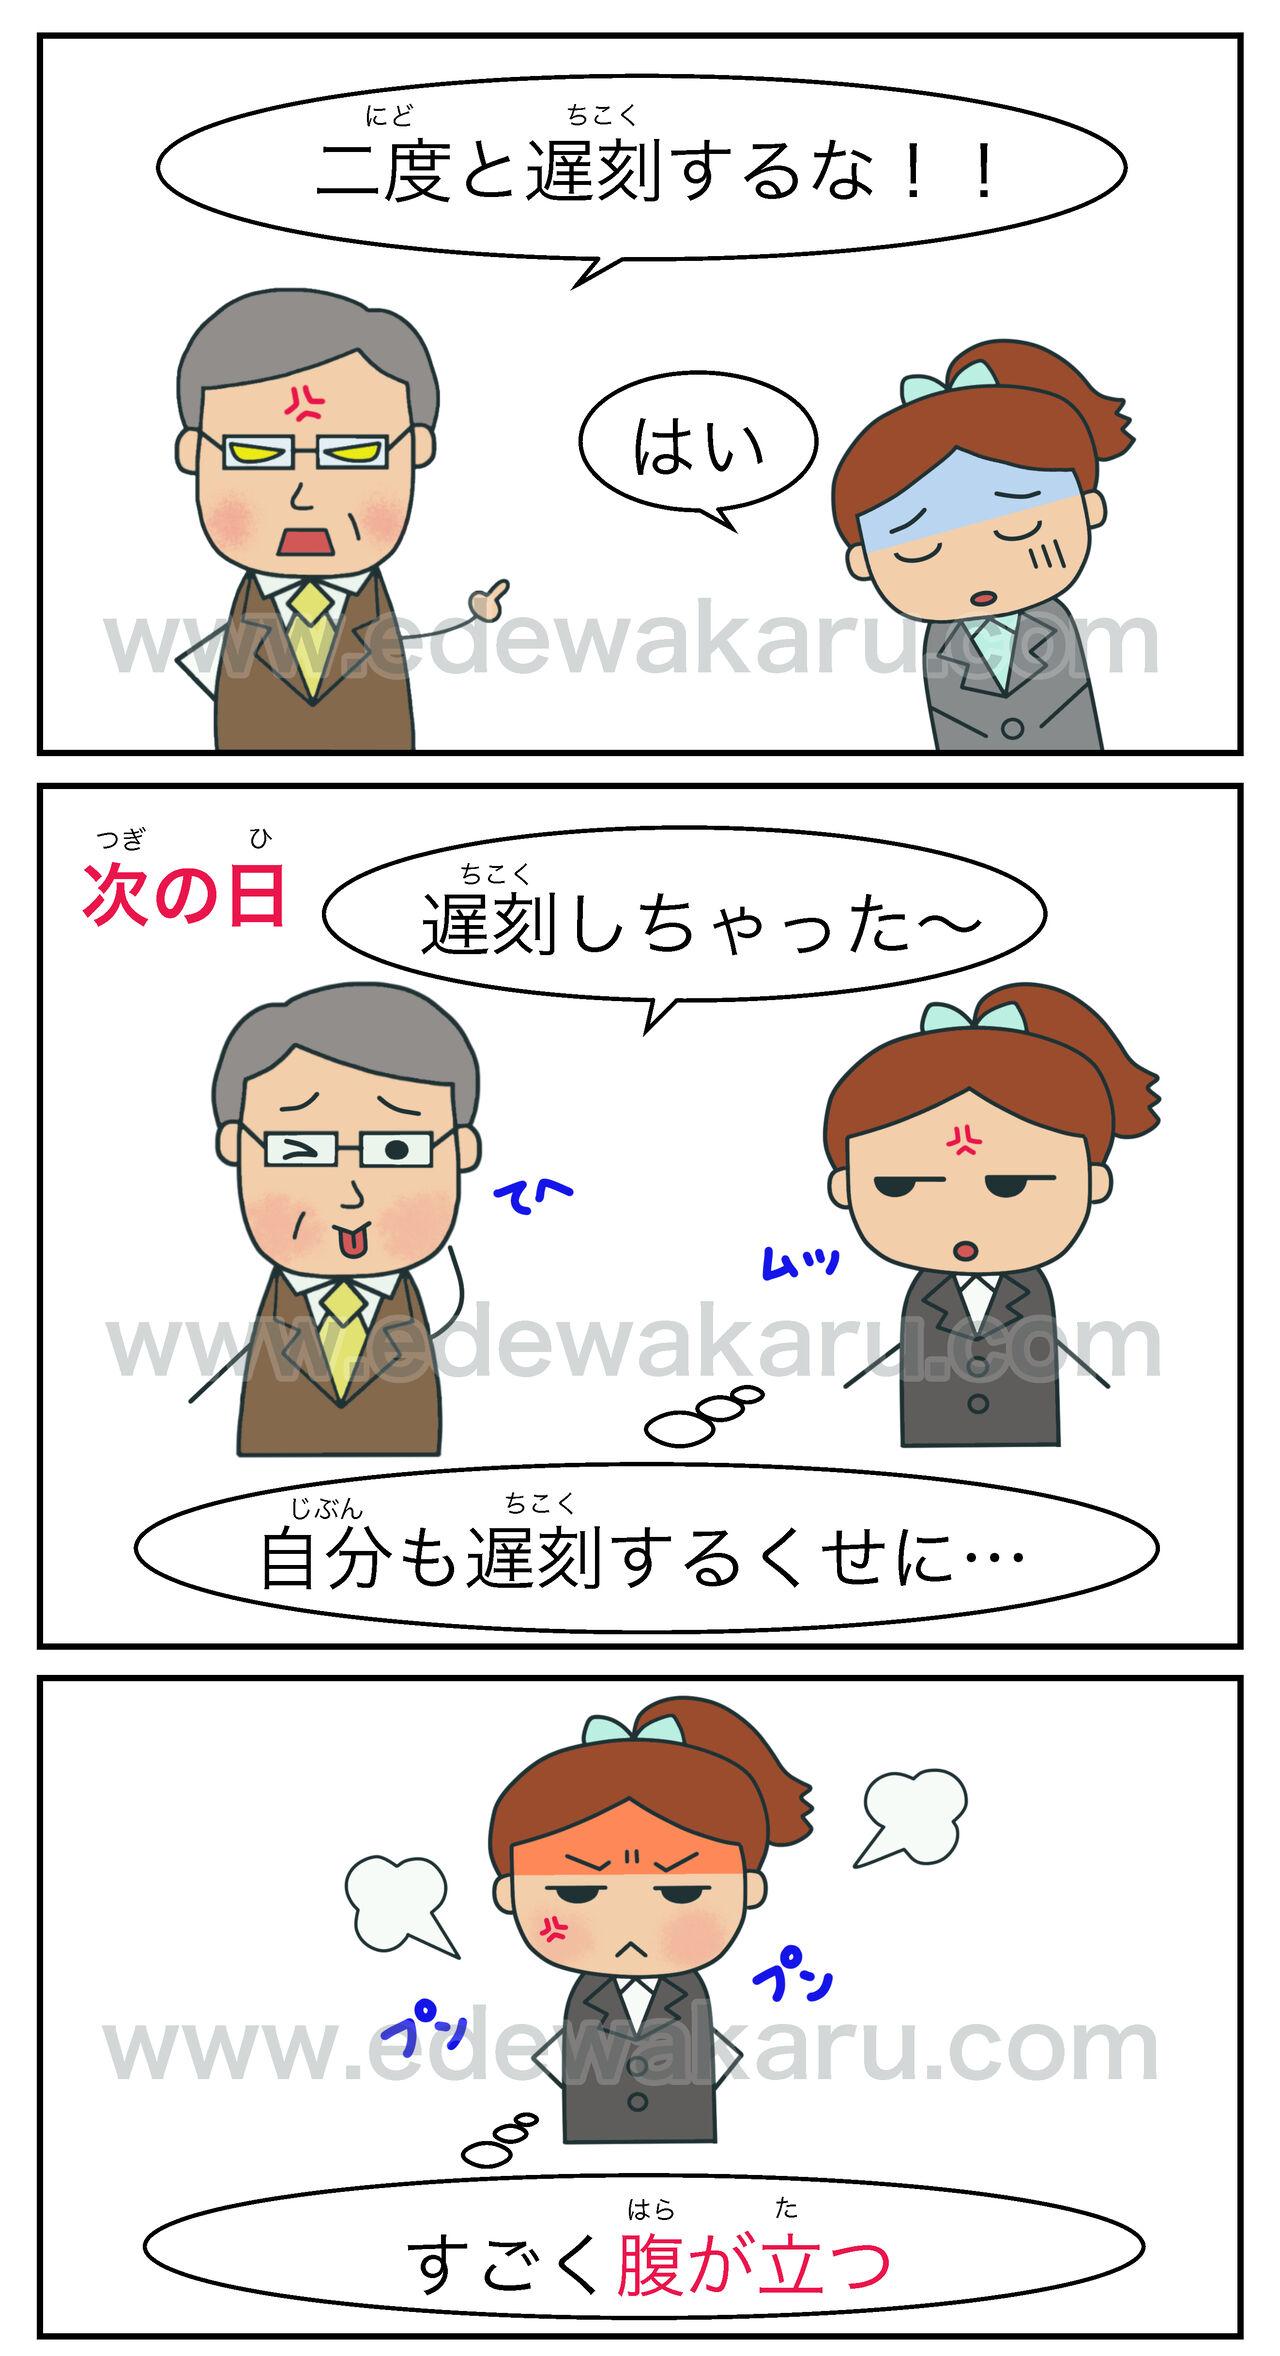 腹が立つ|体の慣用句 : 絵でわかる日本語